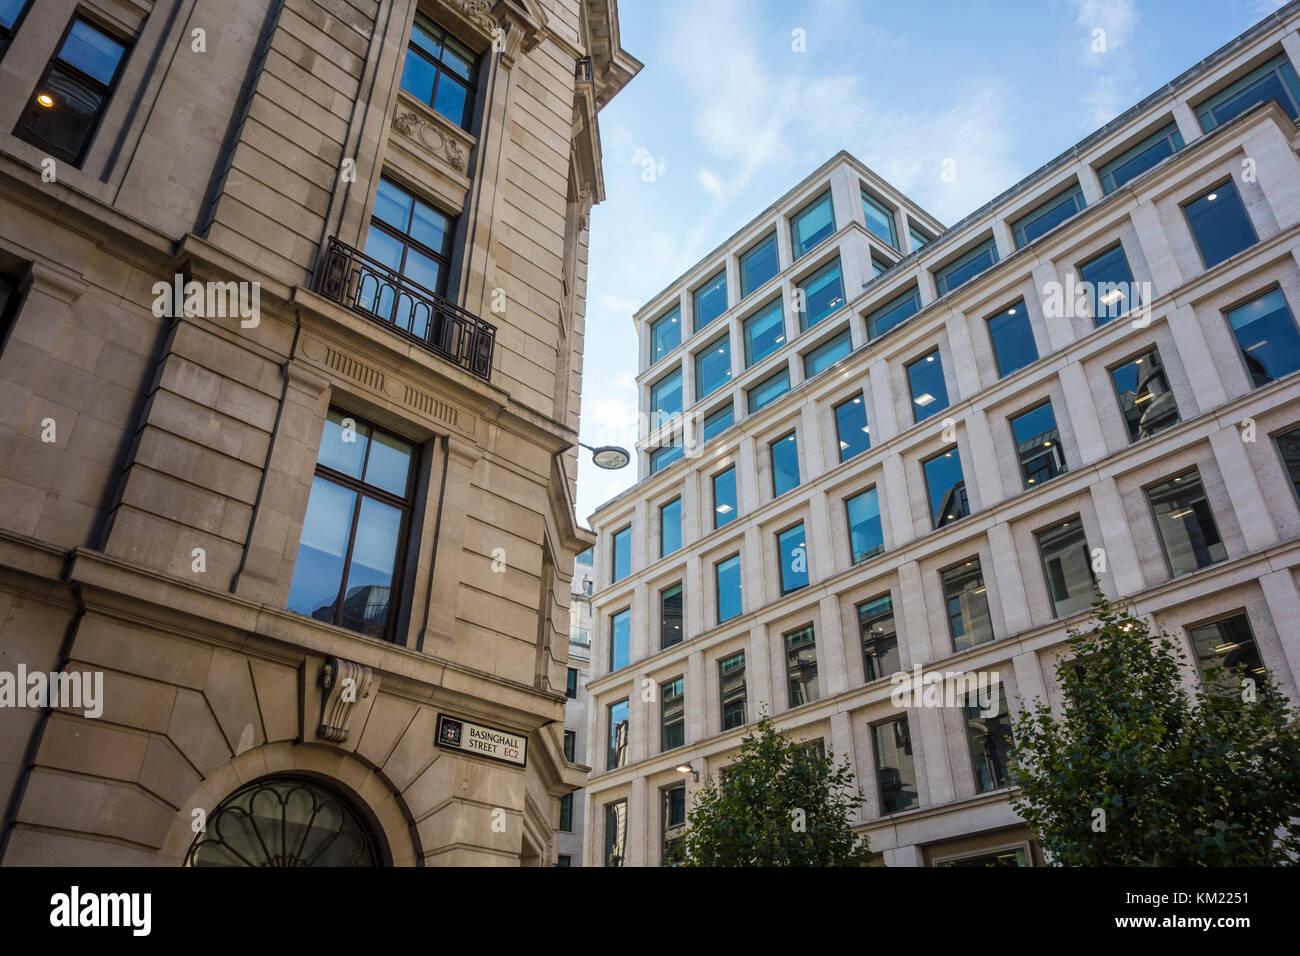 Bürogebäude an der Ecke der Basinghall Street und Gresham Street, London, UK Stockbild